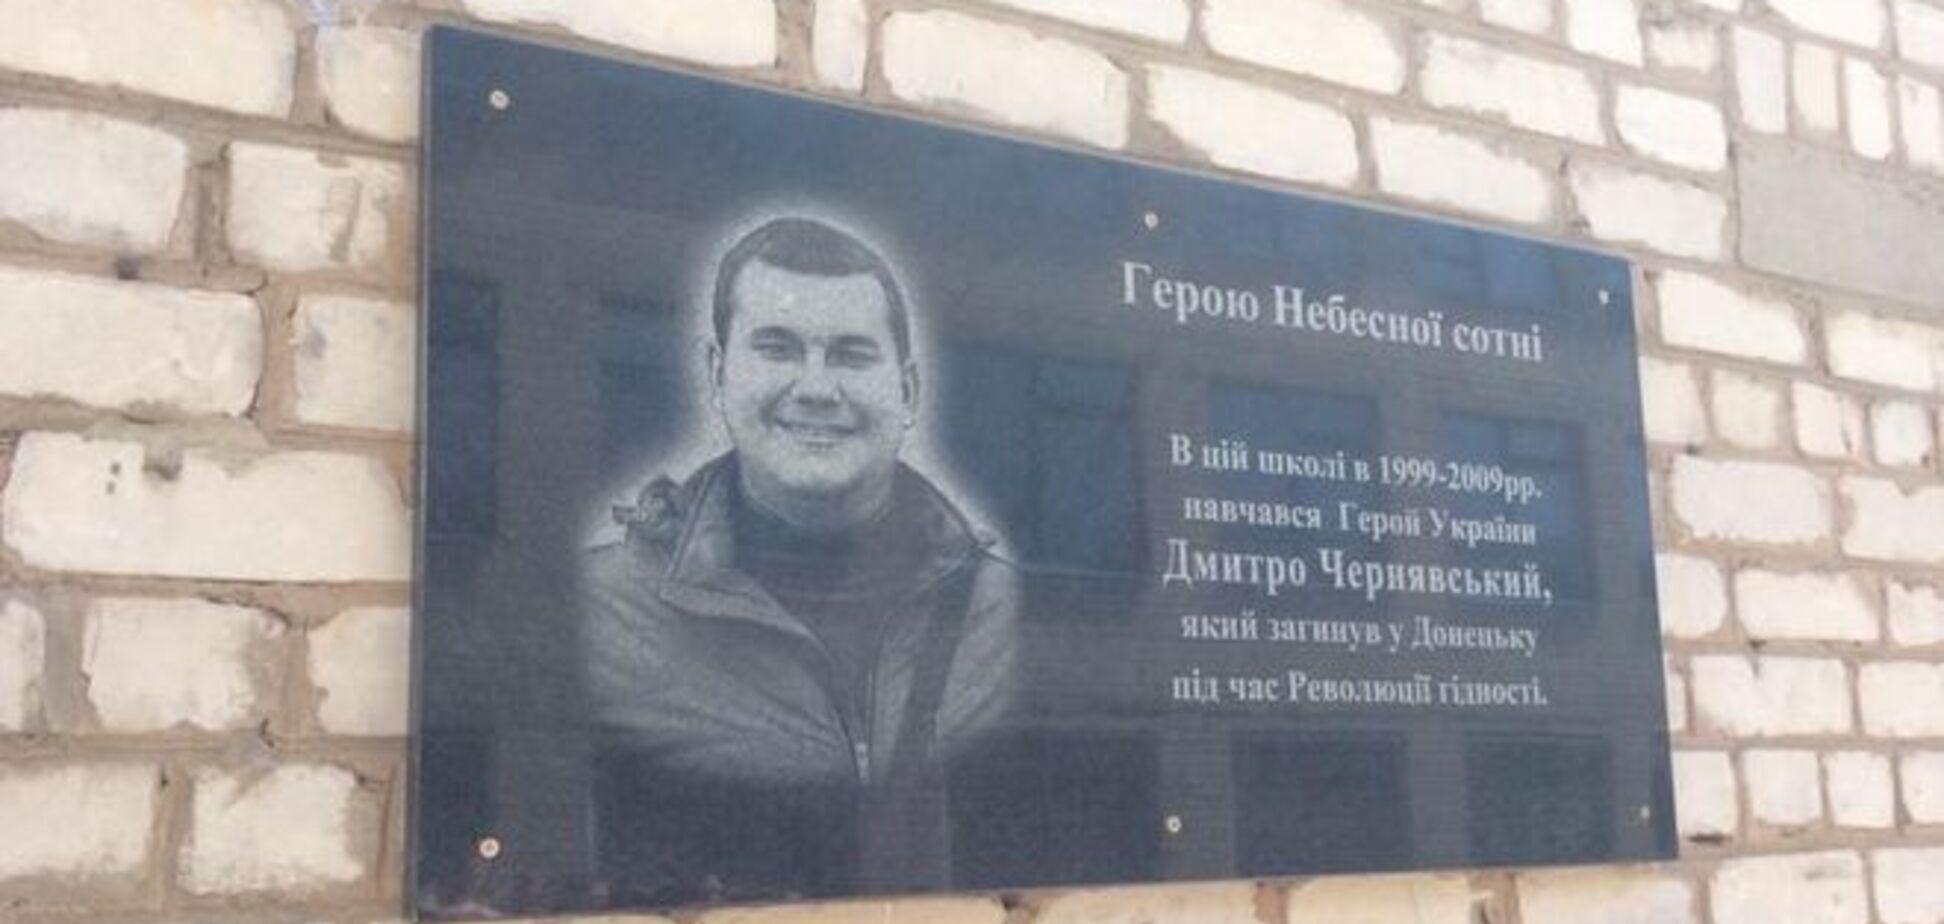 В Артемовске вандалы сорвали мемориальную доску памяти героя 'Небесной сотни'